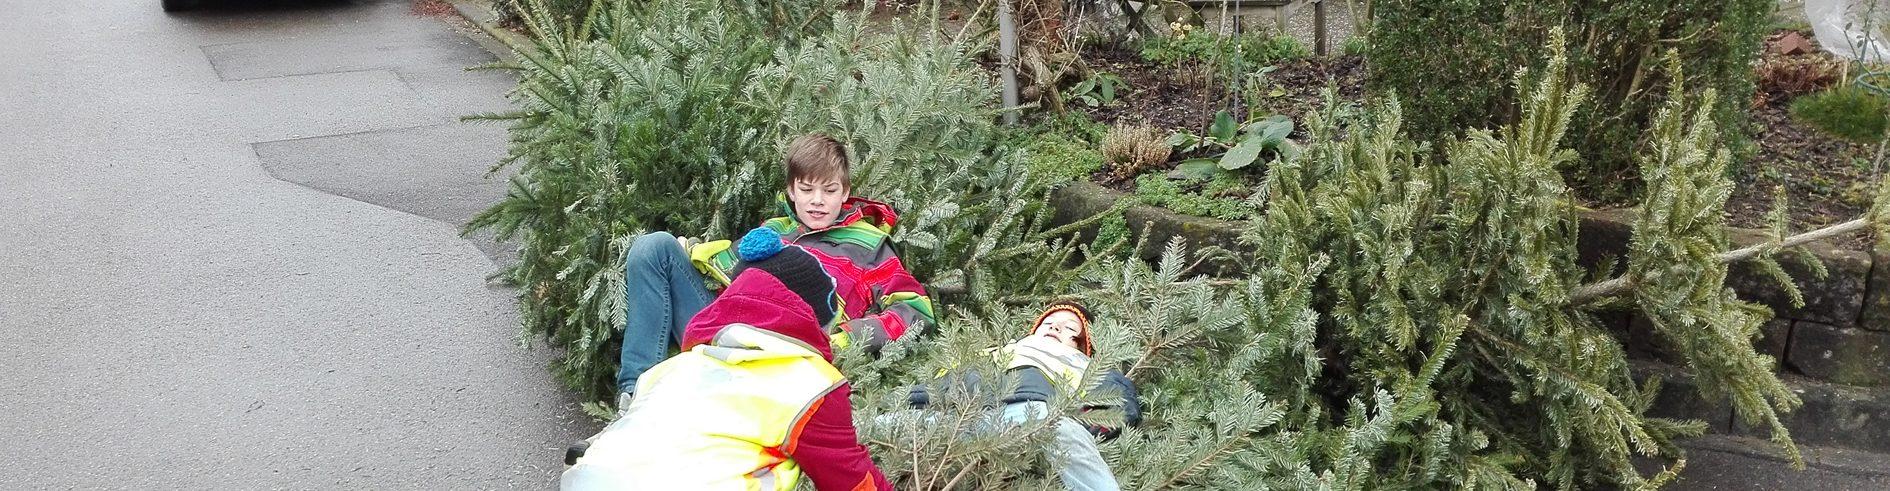 09.01.2016 Christbaumsammlung mit 50 Helferinnen und Helfern